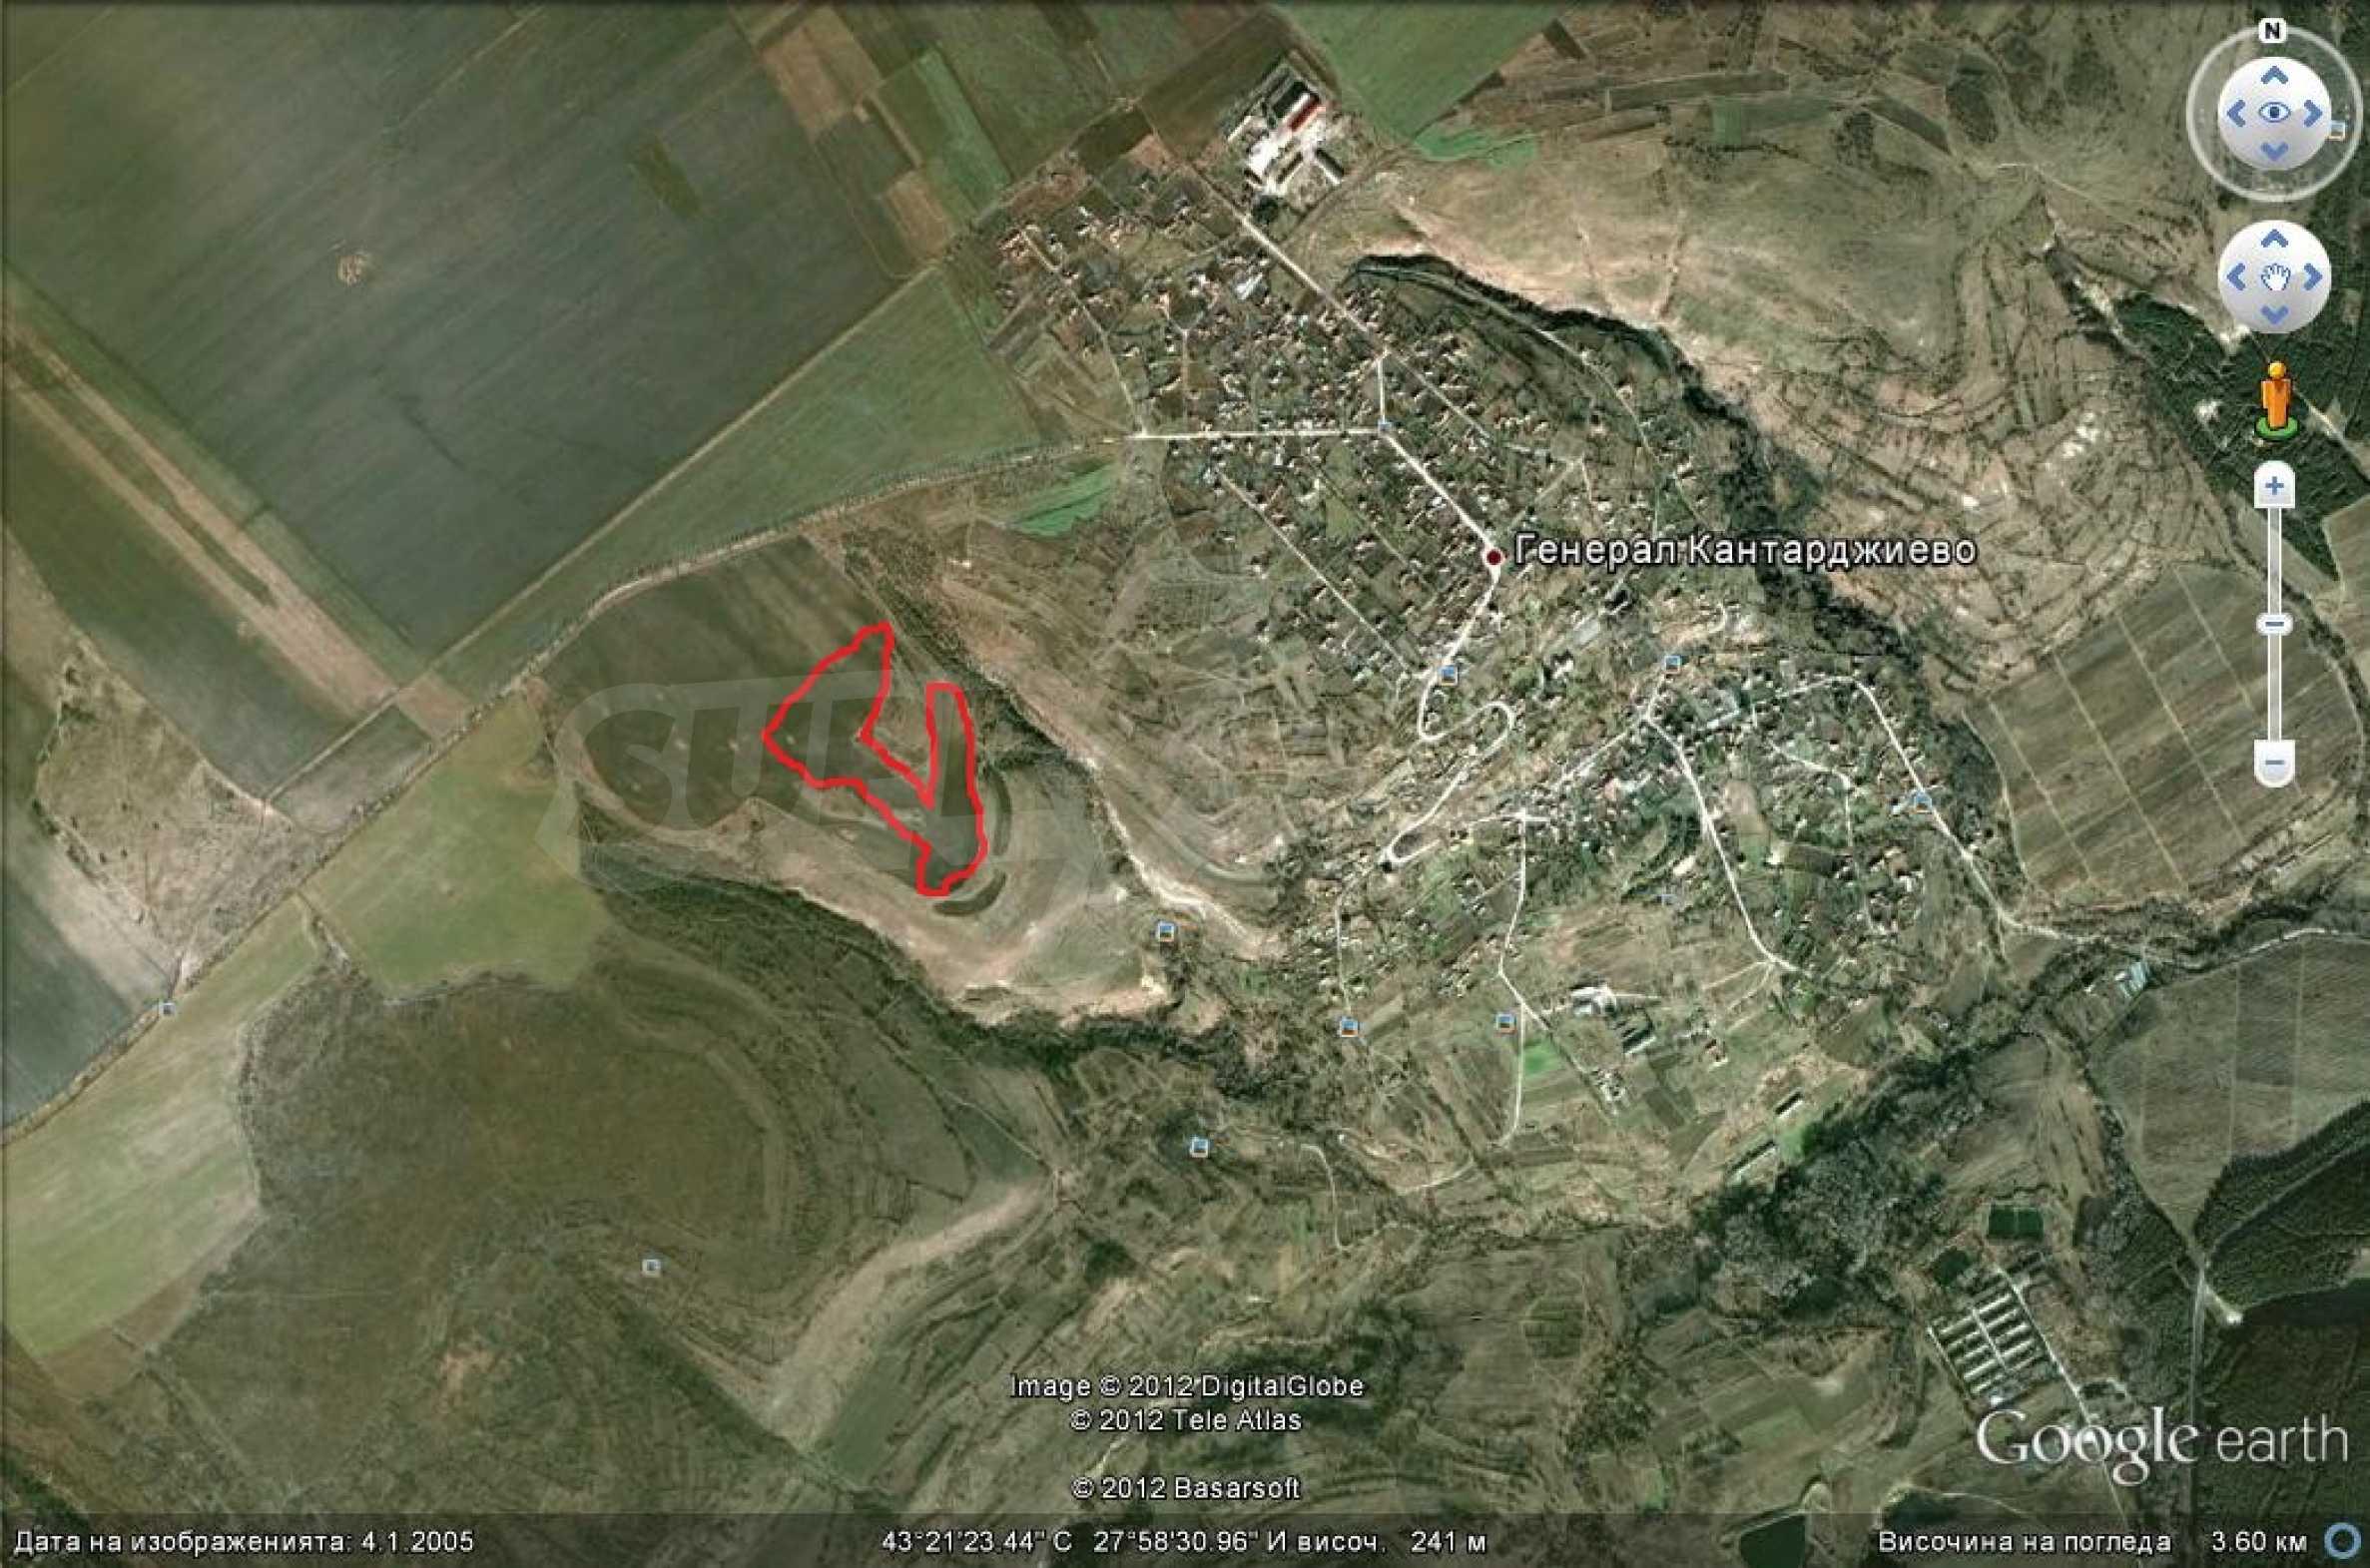 Geregeltes Grundstück in der Nähe des Dorfes Gen. Kantardzhievo 1